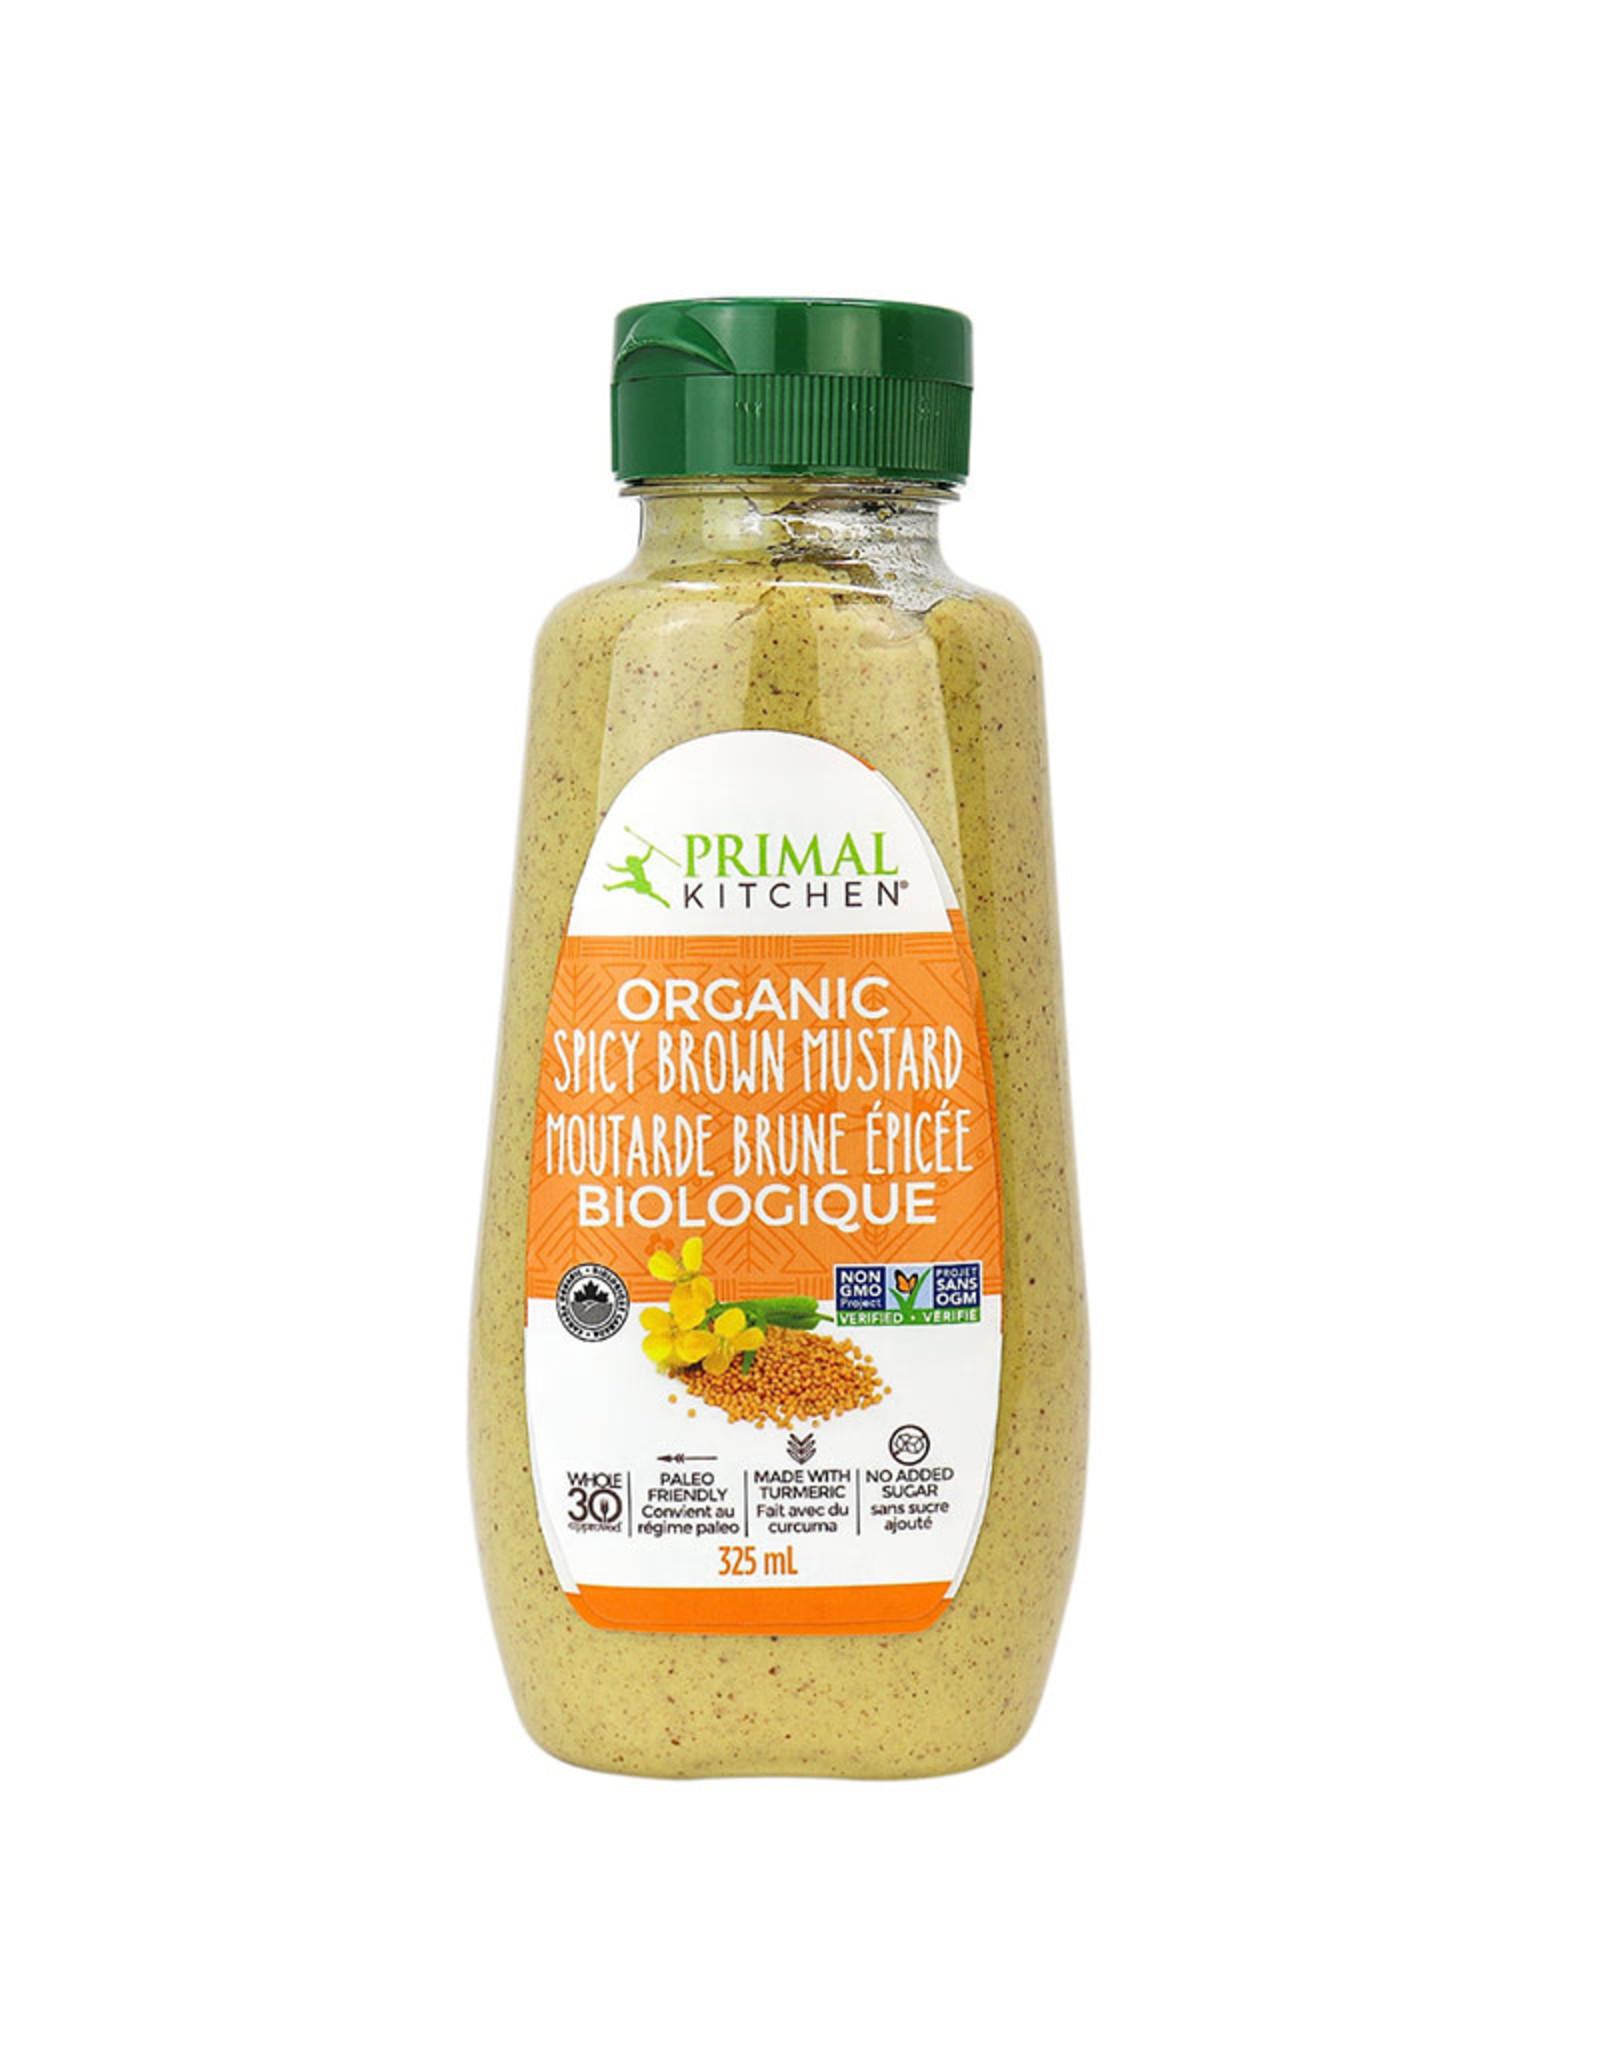 Primal Kitchen Primal Kitchen - Mustard, Organic Spicy Brown (340g)